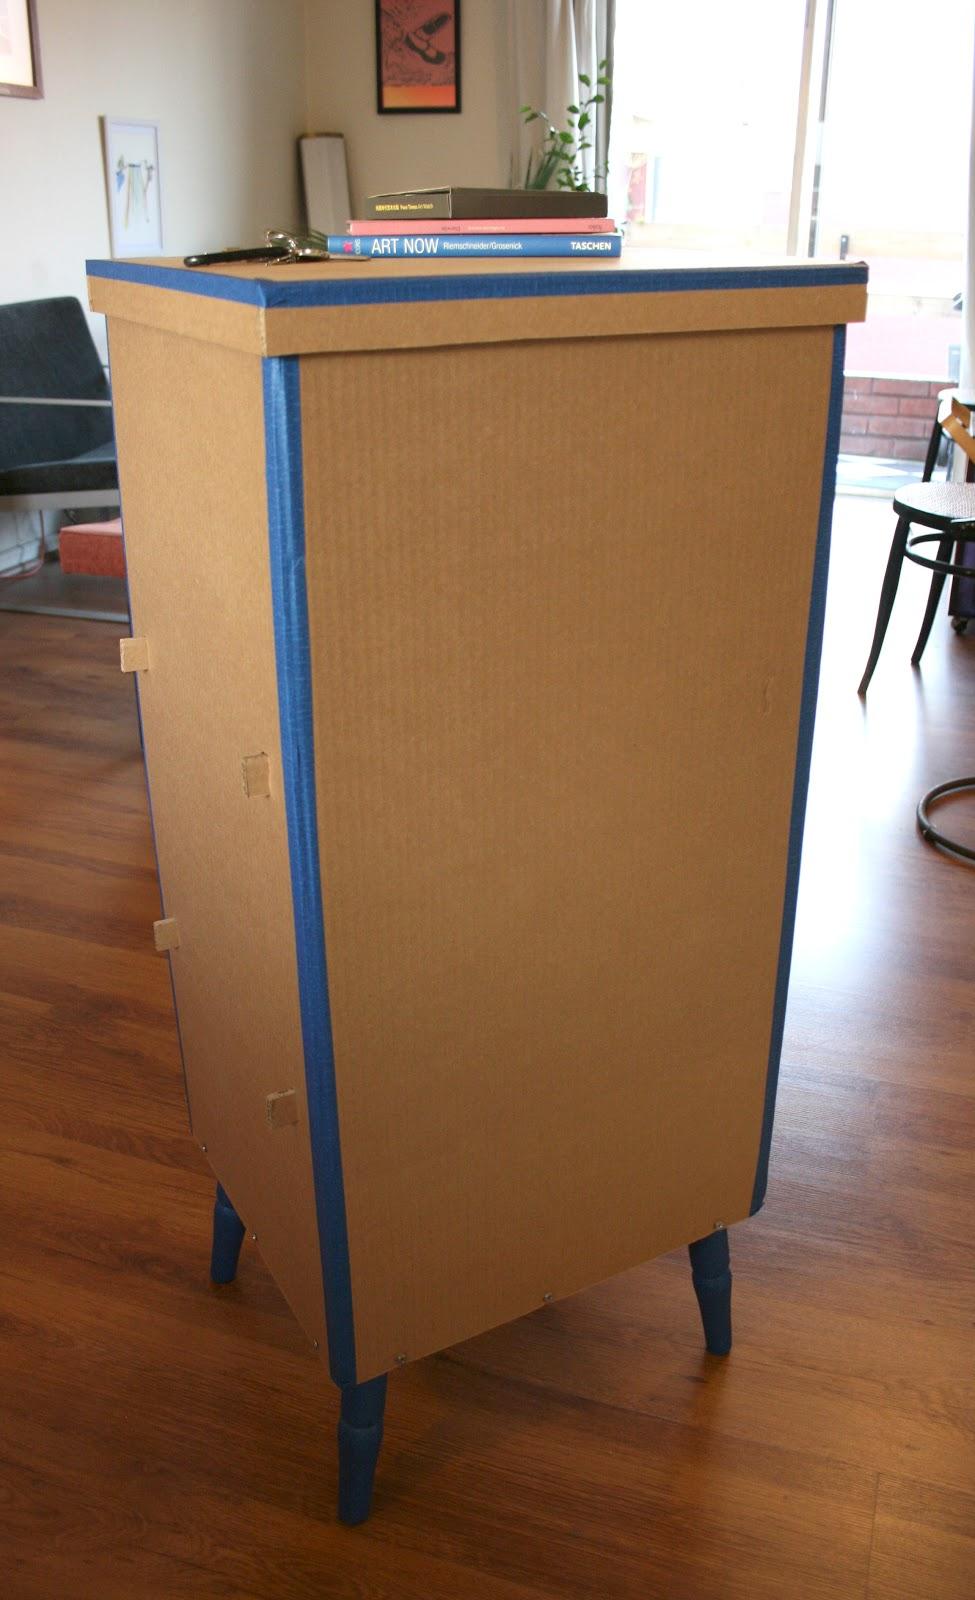 Mueble Cartón | fjmg - photo#40